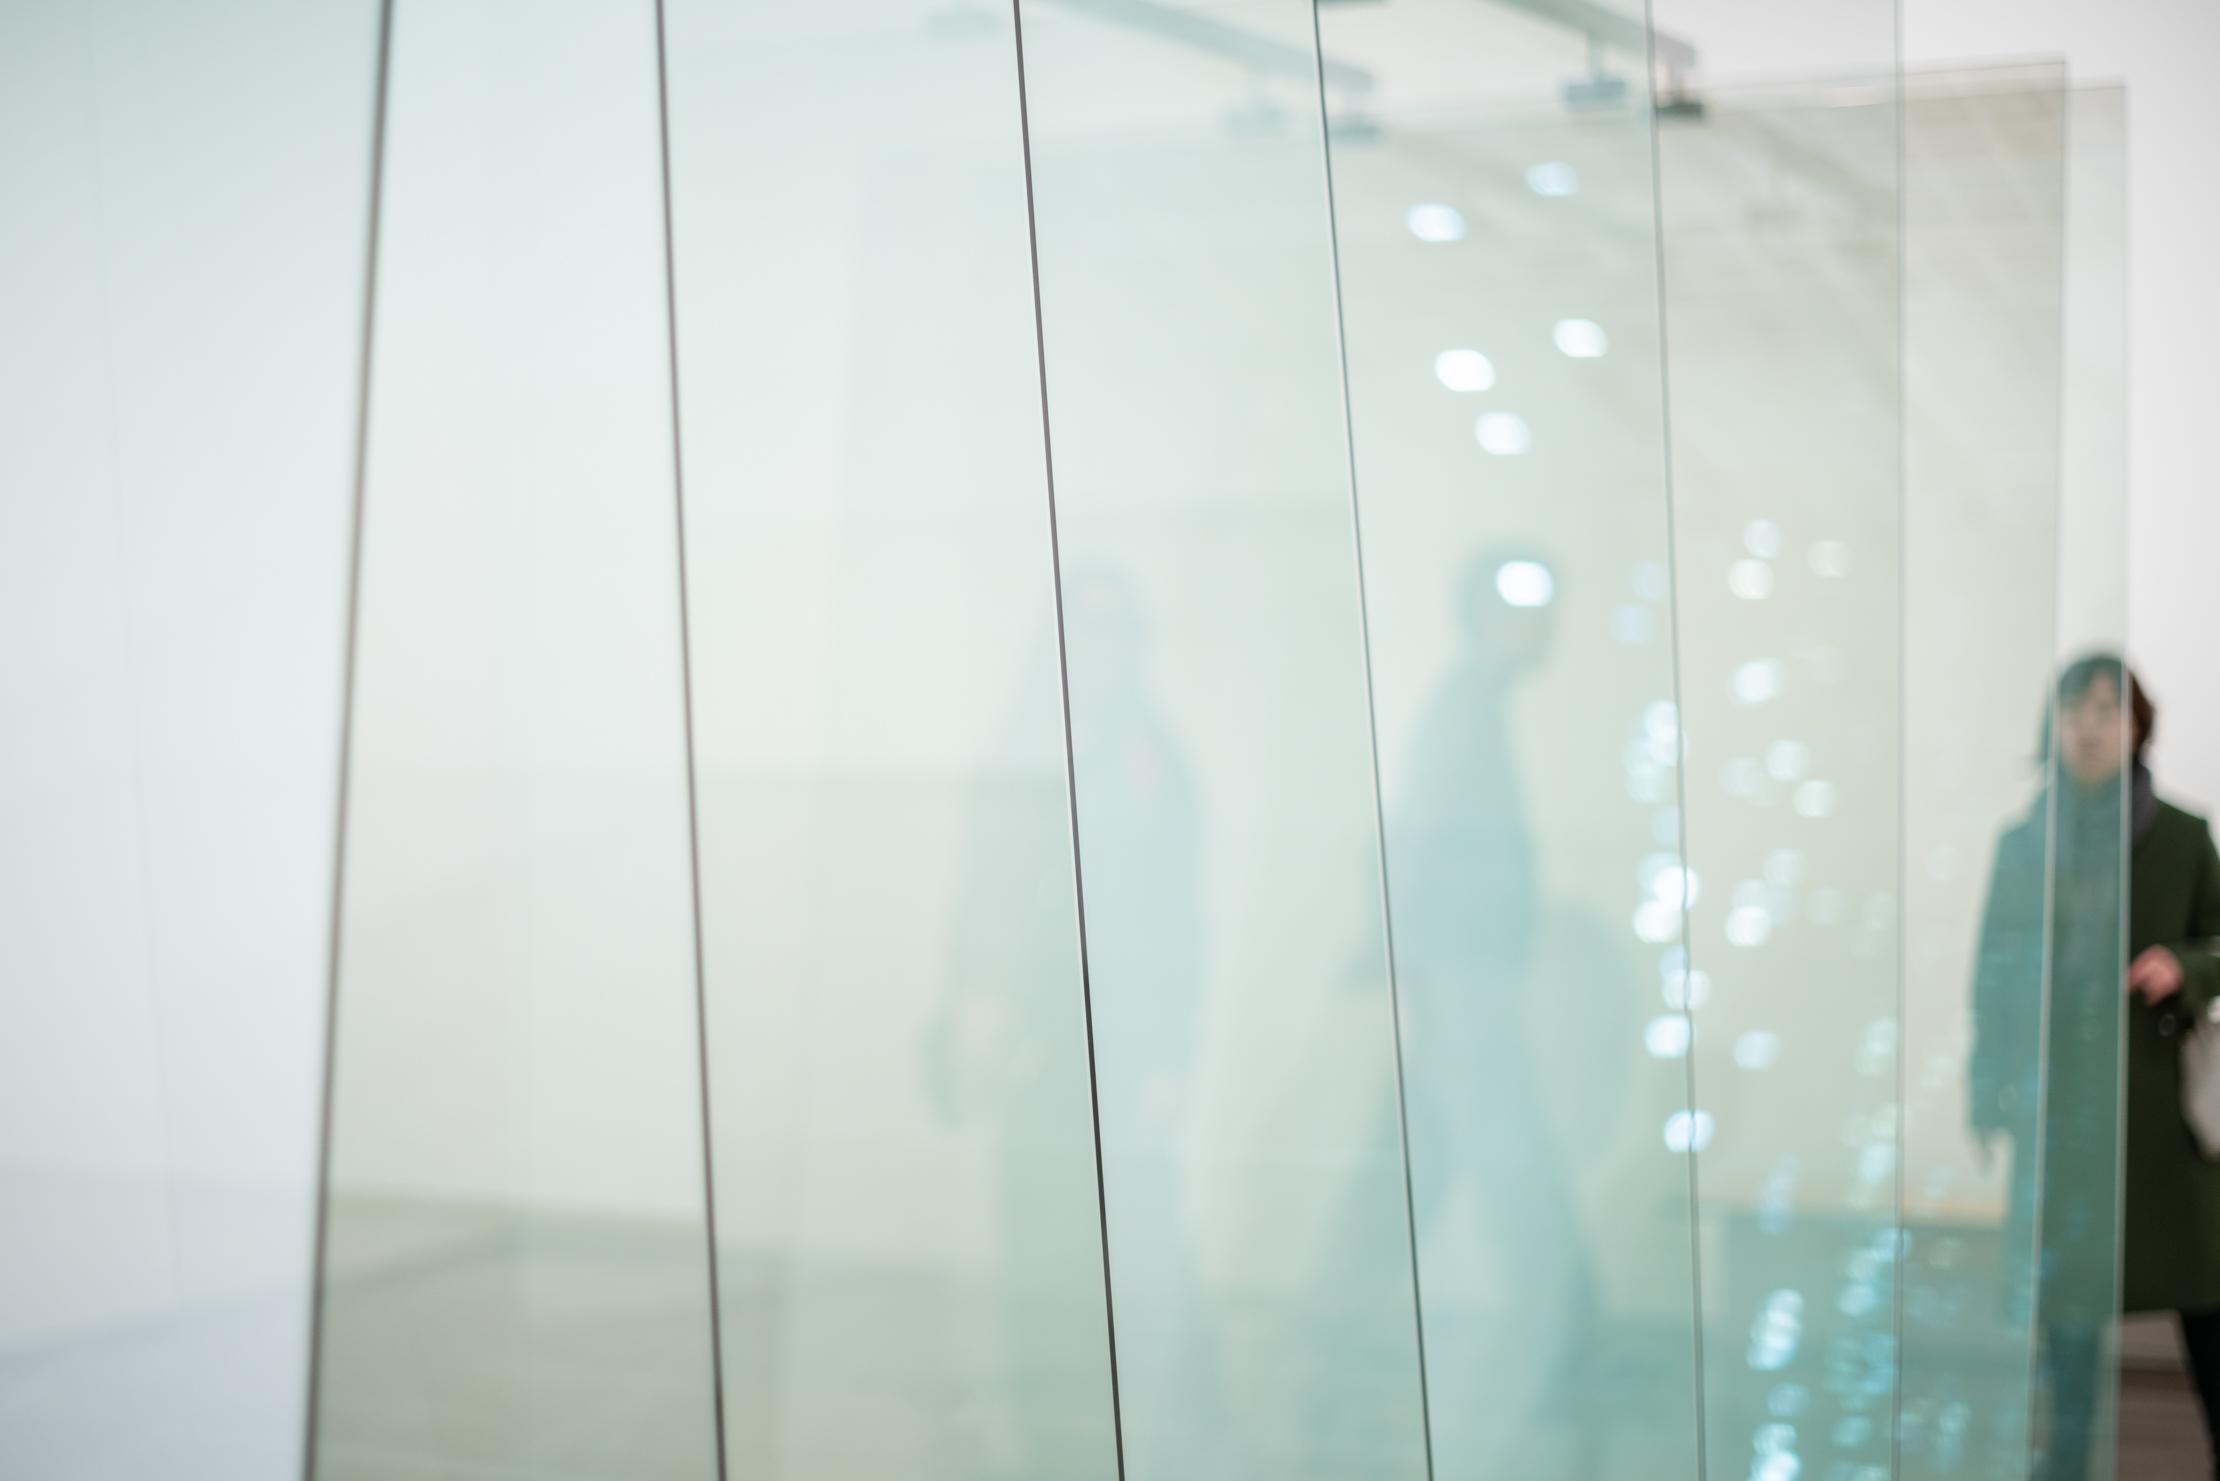 2020.01.19 東京国立近代美術館 窓展-10.jpg